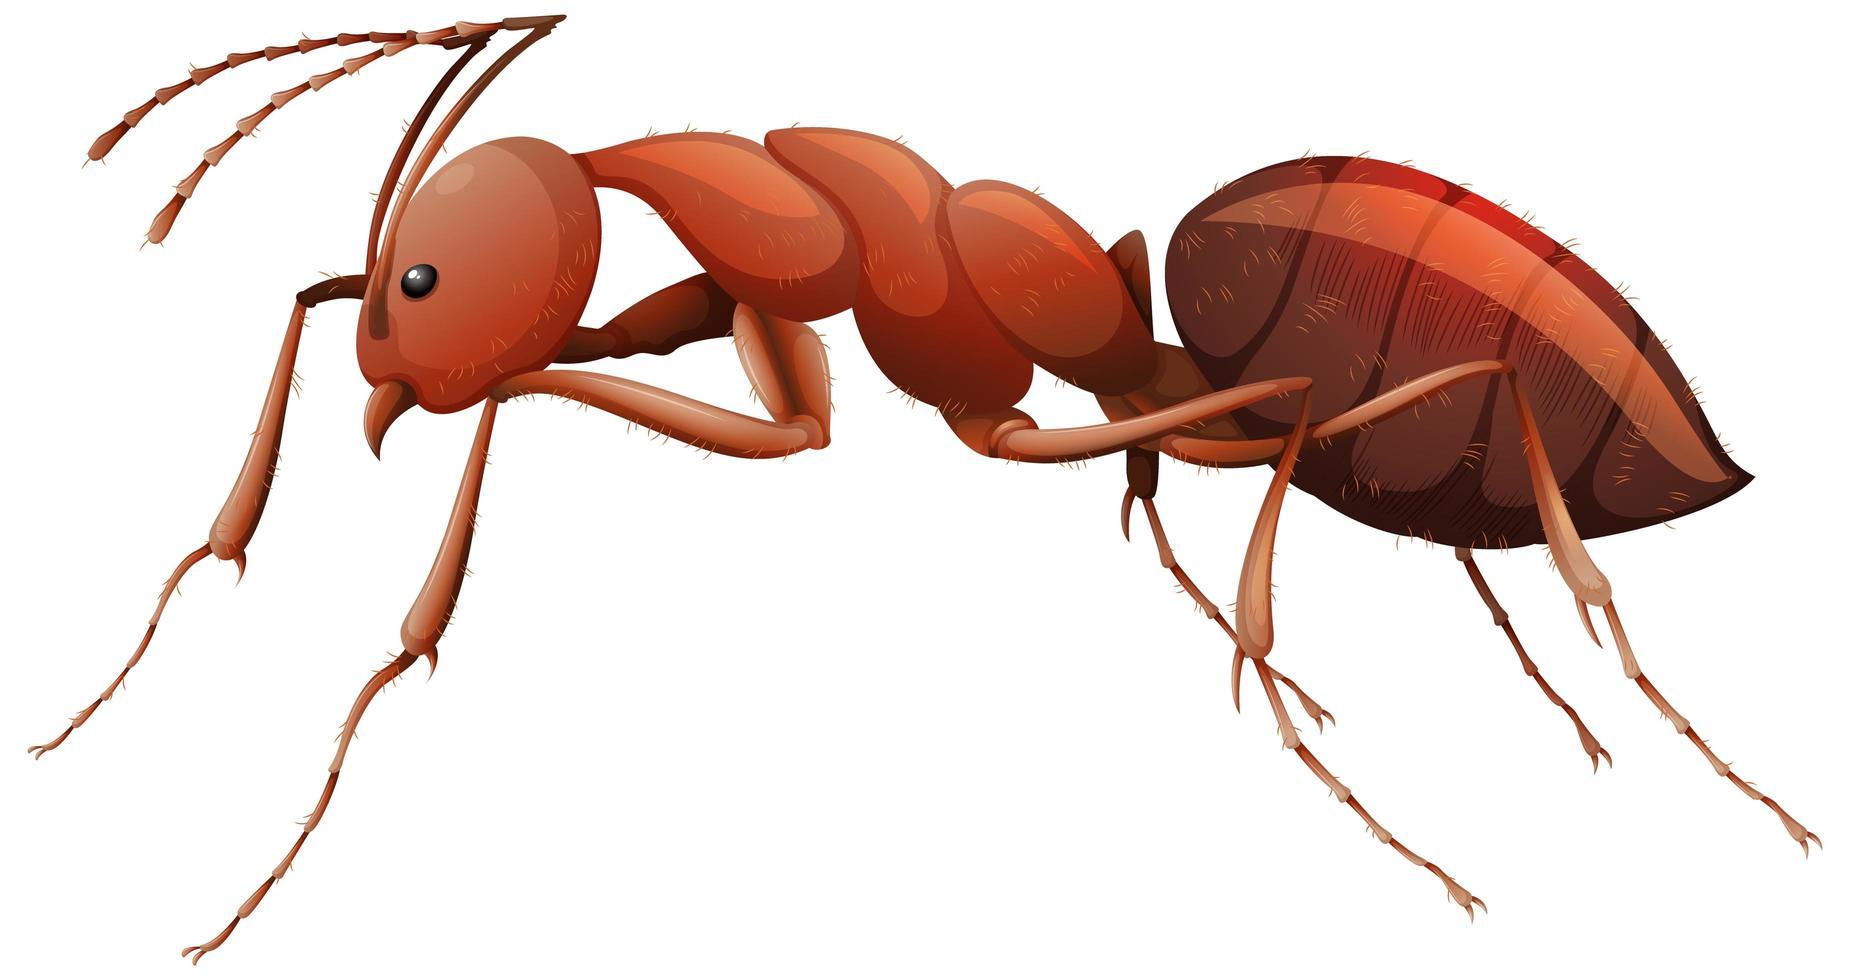 närbild av röd myra i tecknad stil på vit bakgrund vektor